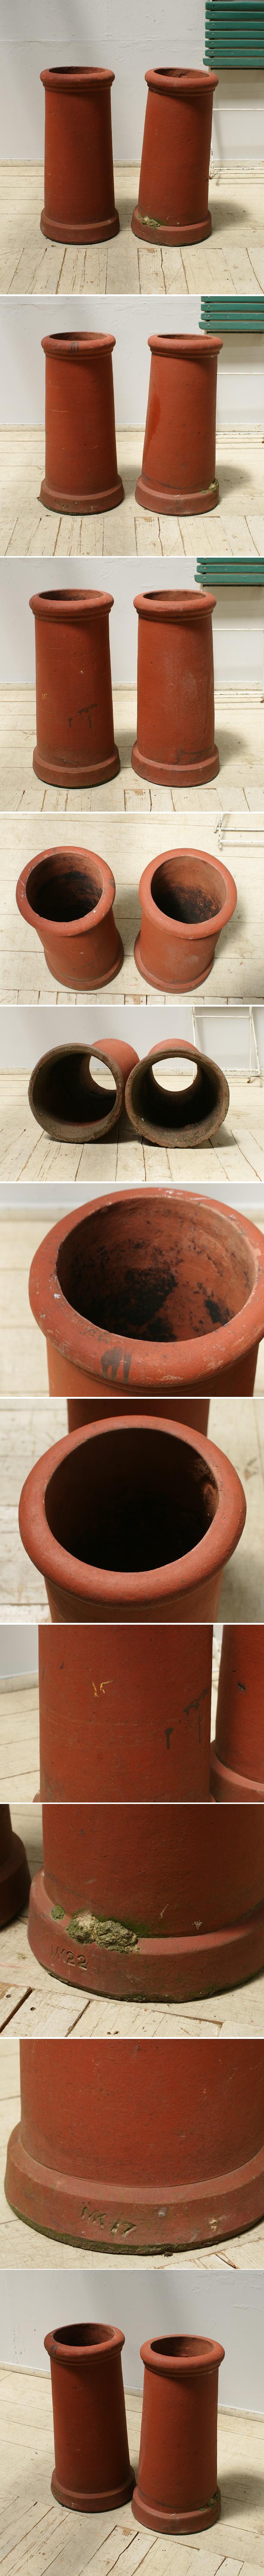 イギリス アンティーク チムニーポット 煙突 ガーデニング 6257